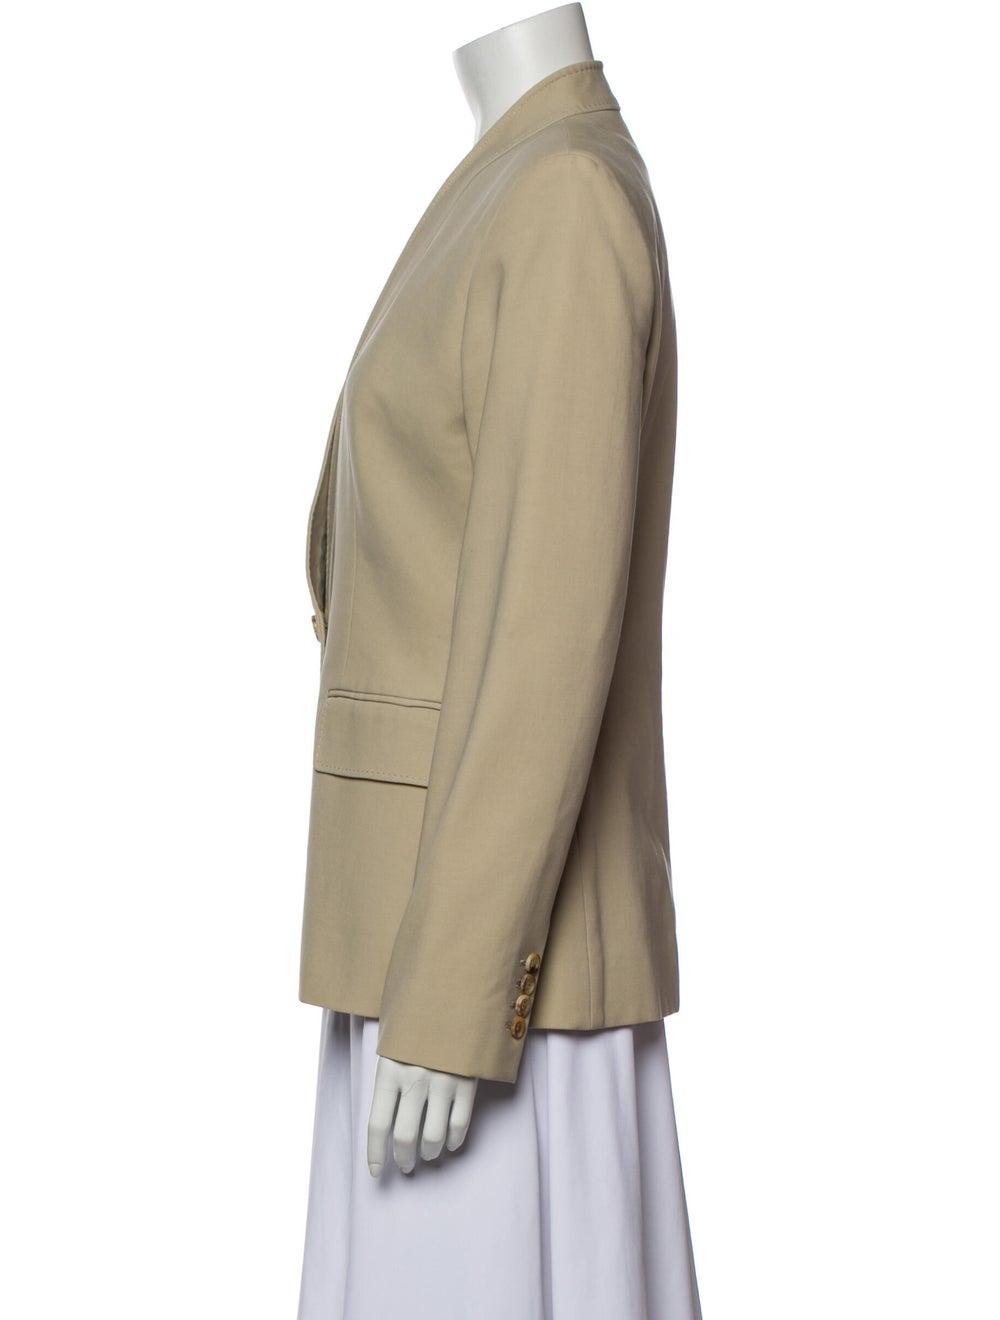 Celine Vintage Blazer - image 2